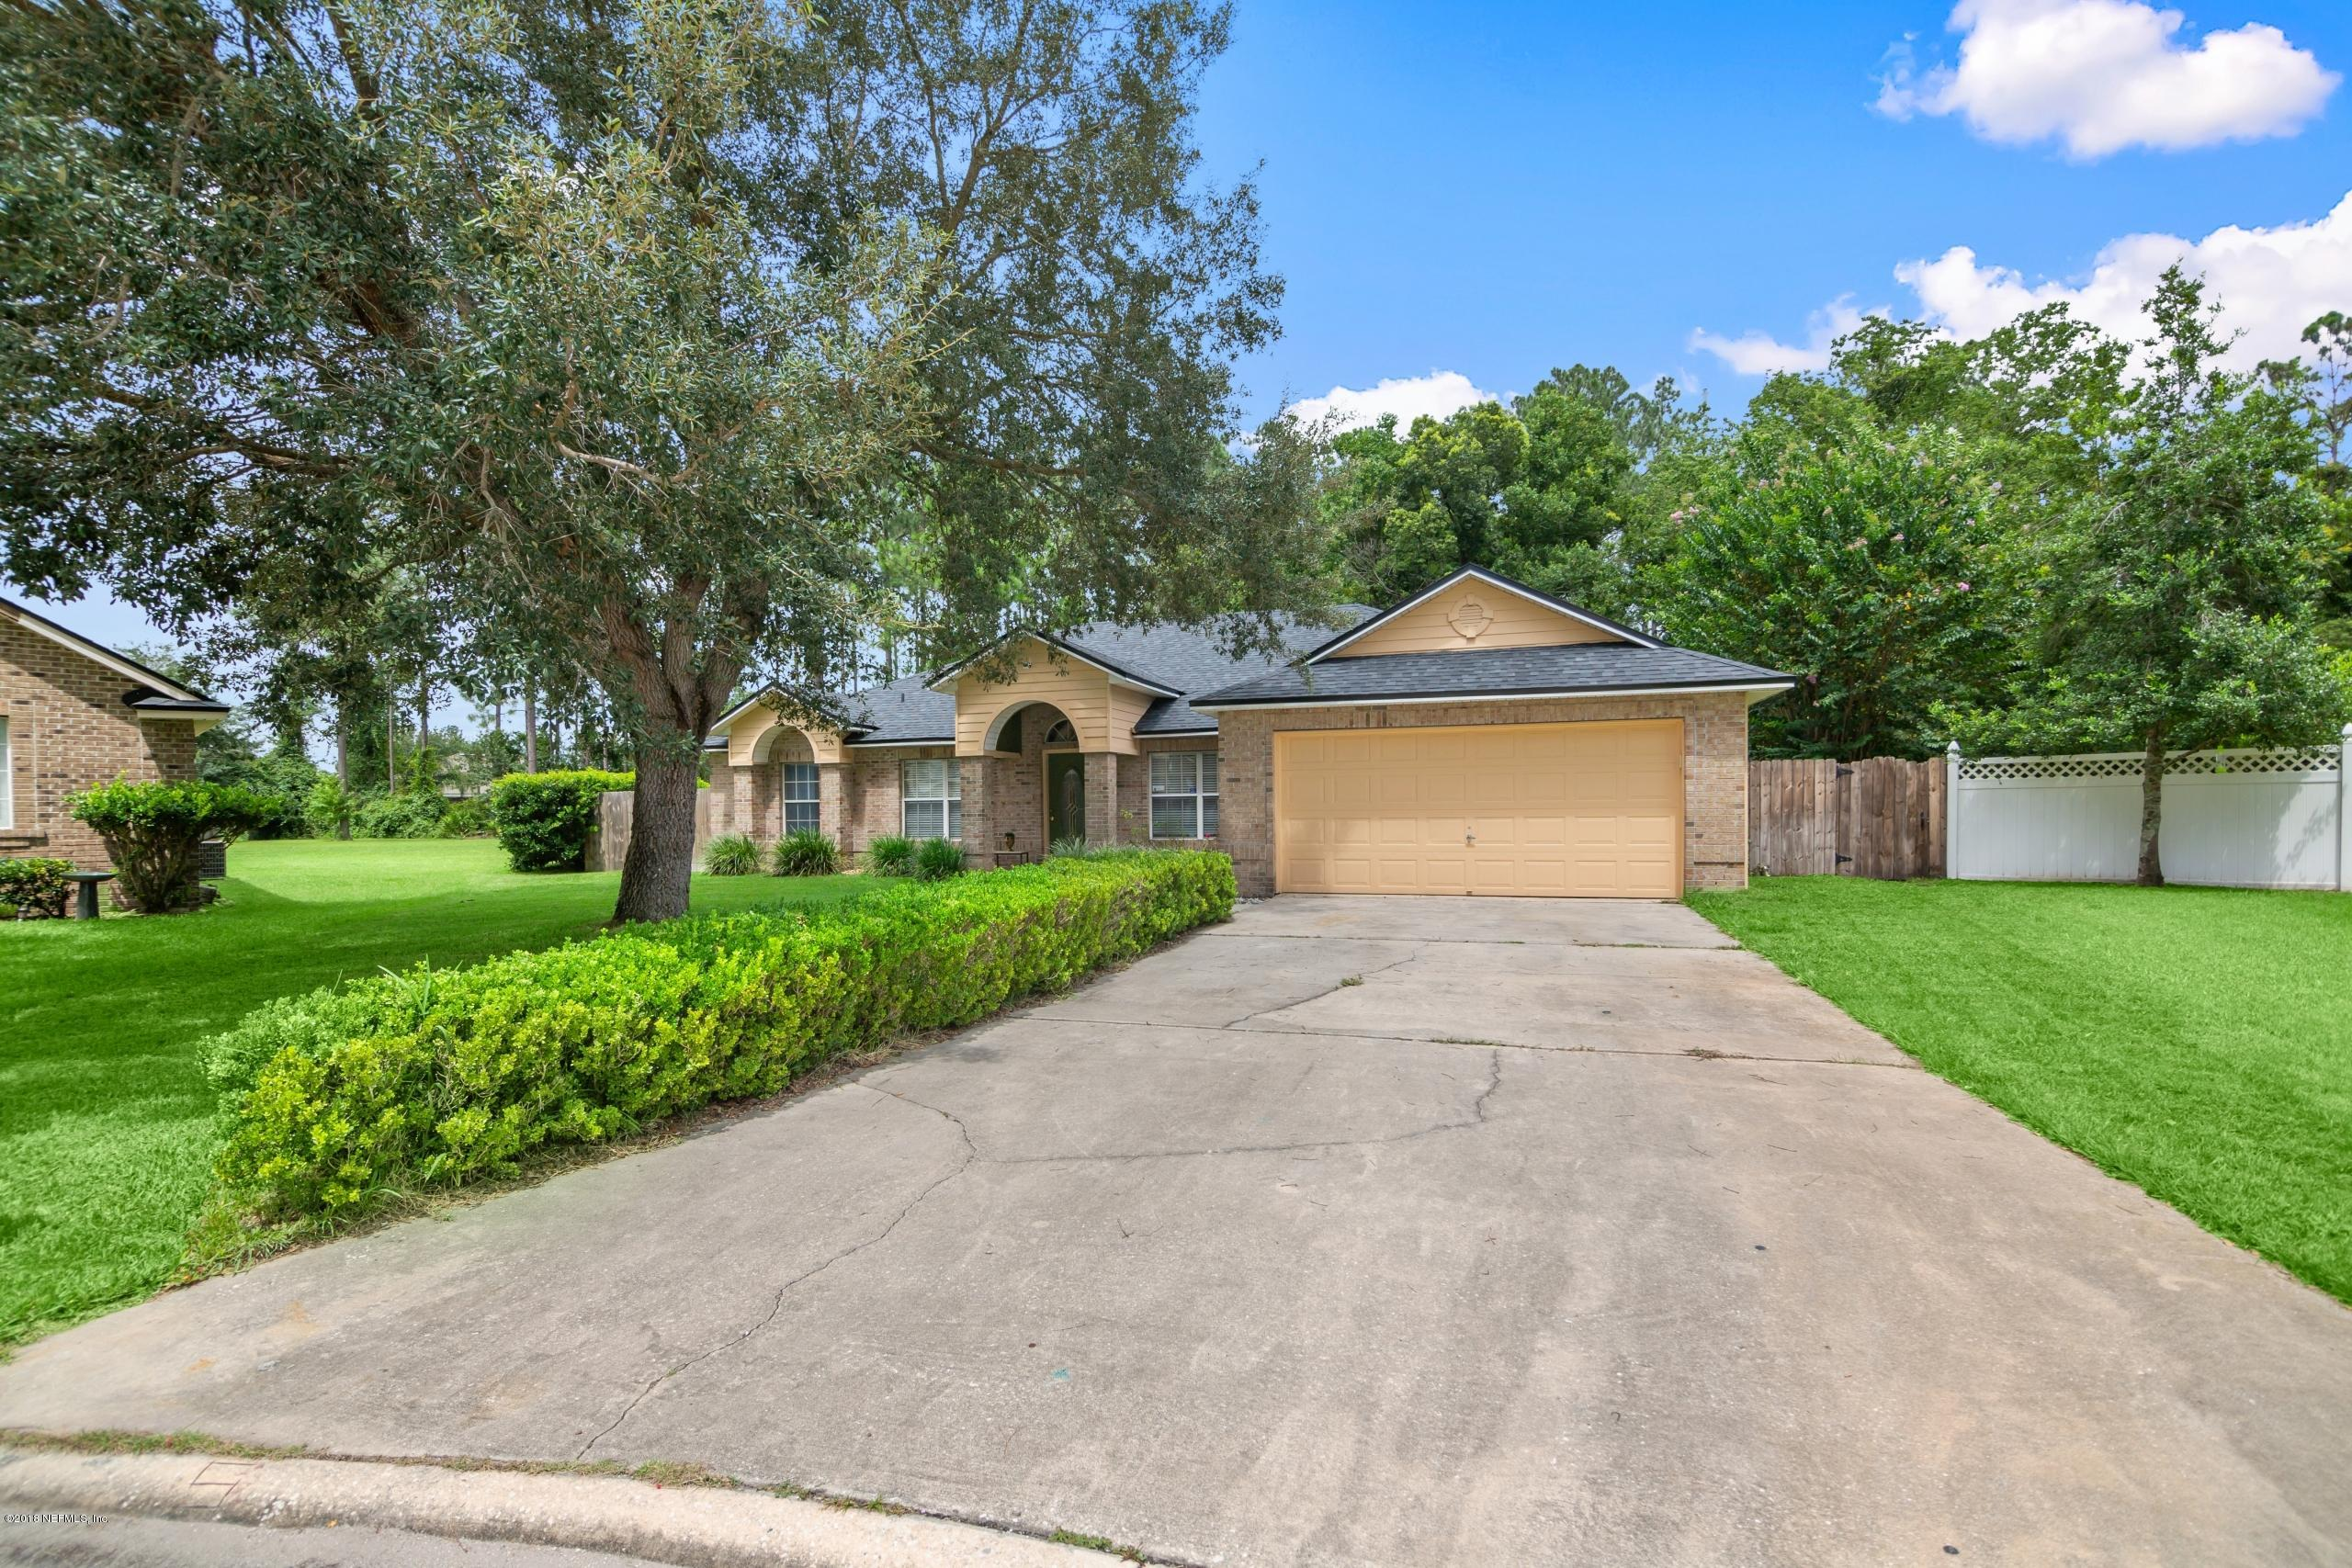 9828 STAPLE INN, JACKSONVILLE, FLORIDA 32221, 4 Bedrooms Bedrooms, ,2 BathroomsBathrooms,Residential - single family,For sale,STAPLE INN,947730